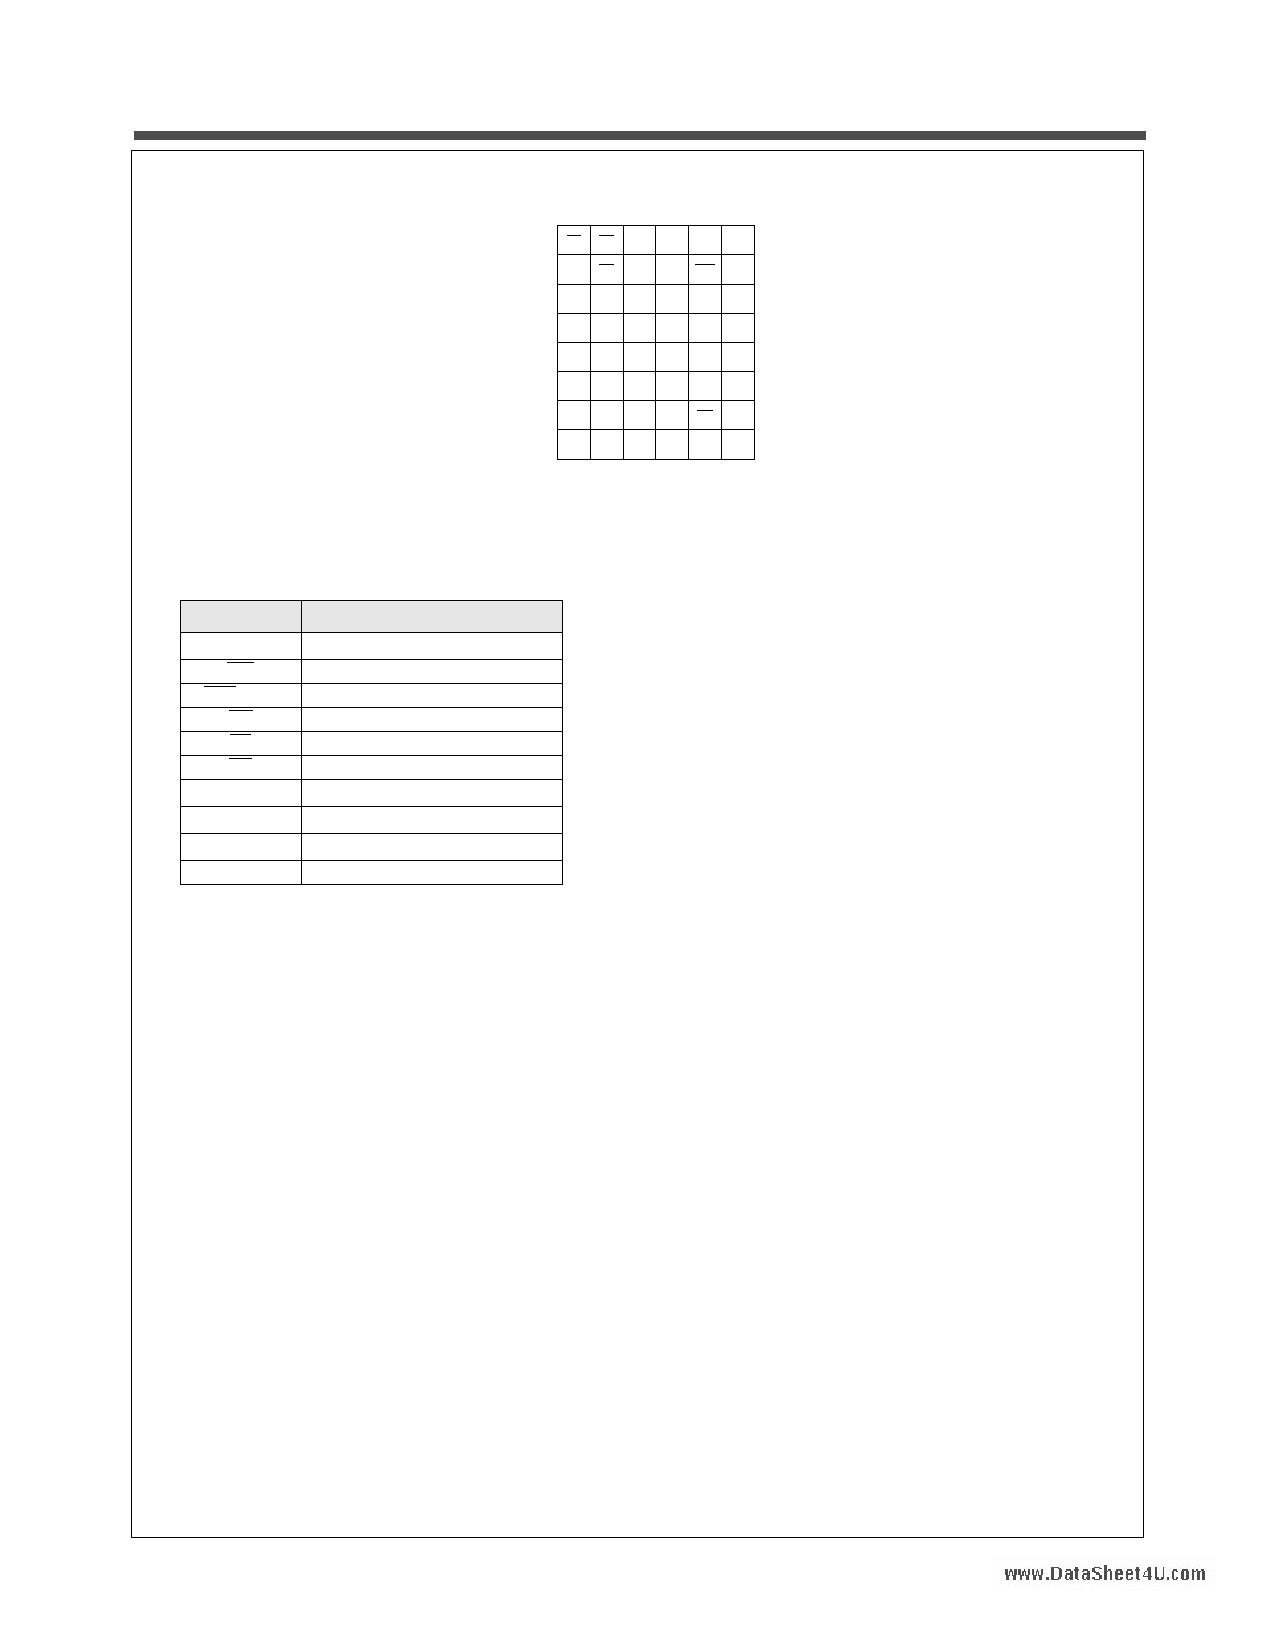 N04L1618C2A Даташит, Описание, Даташиты